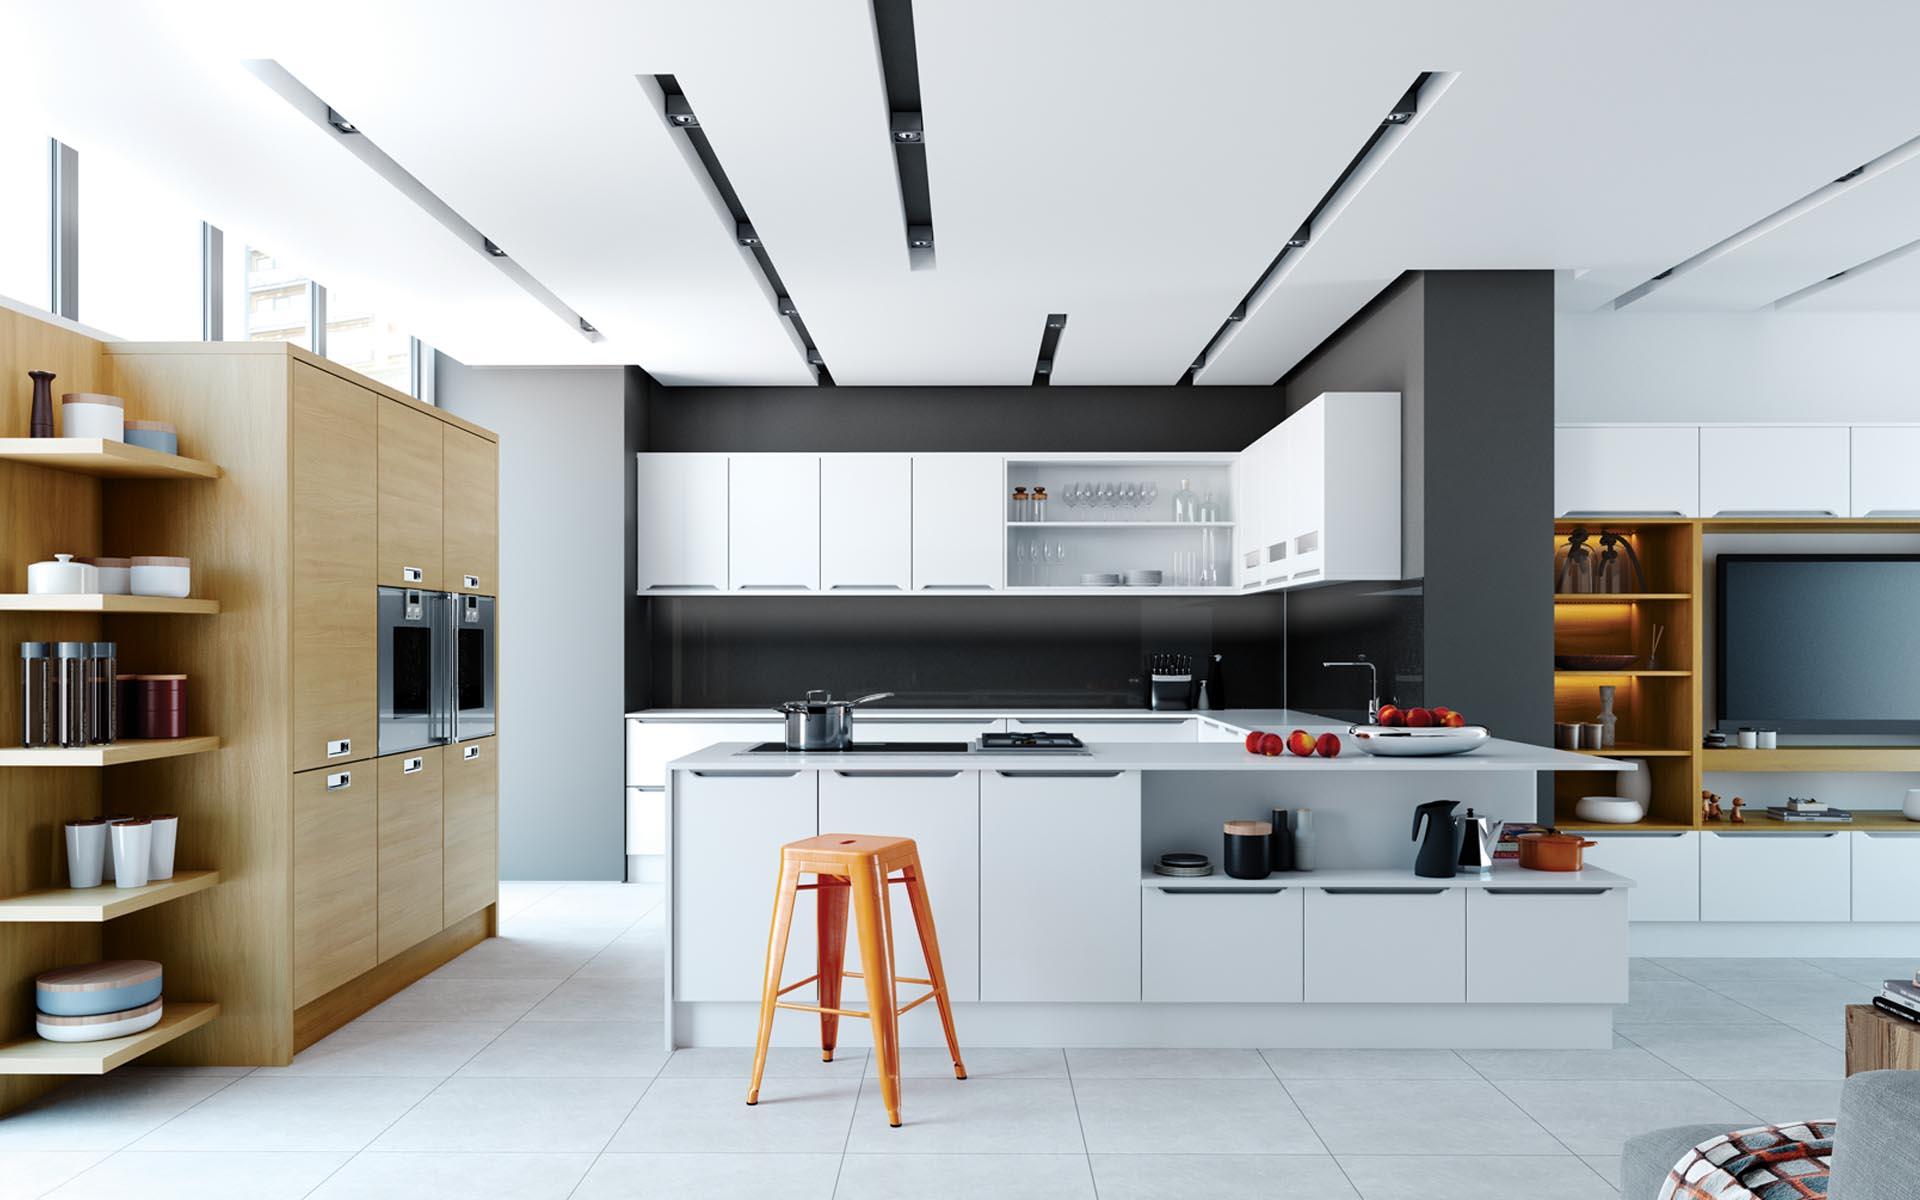 shop-website-kitchen-designs